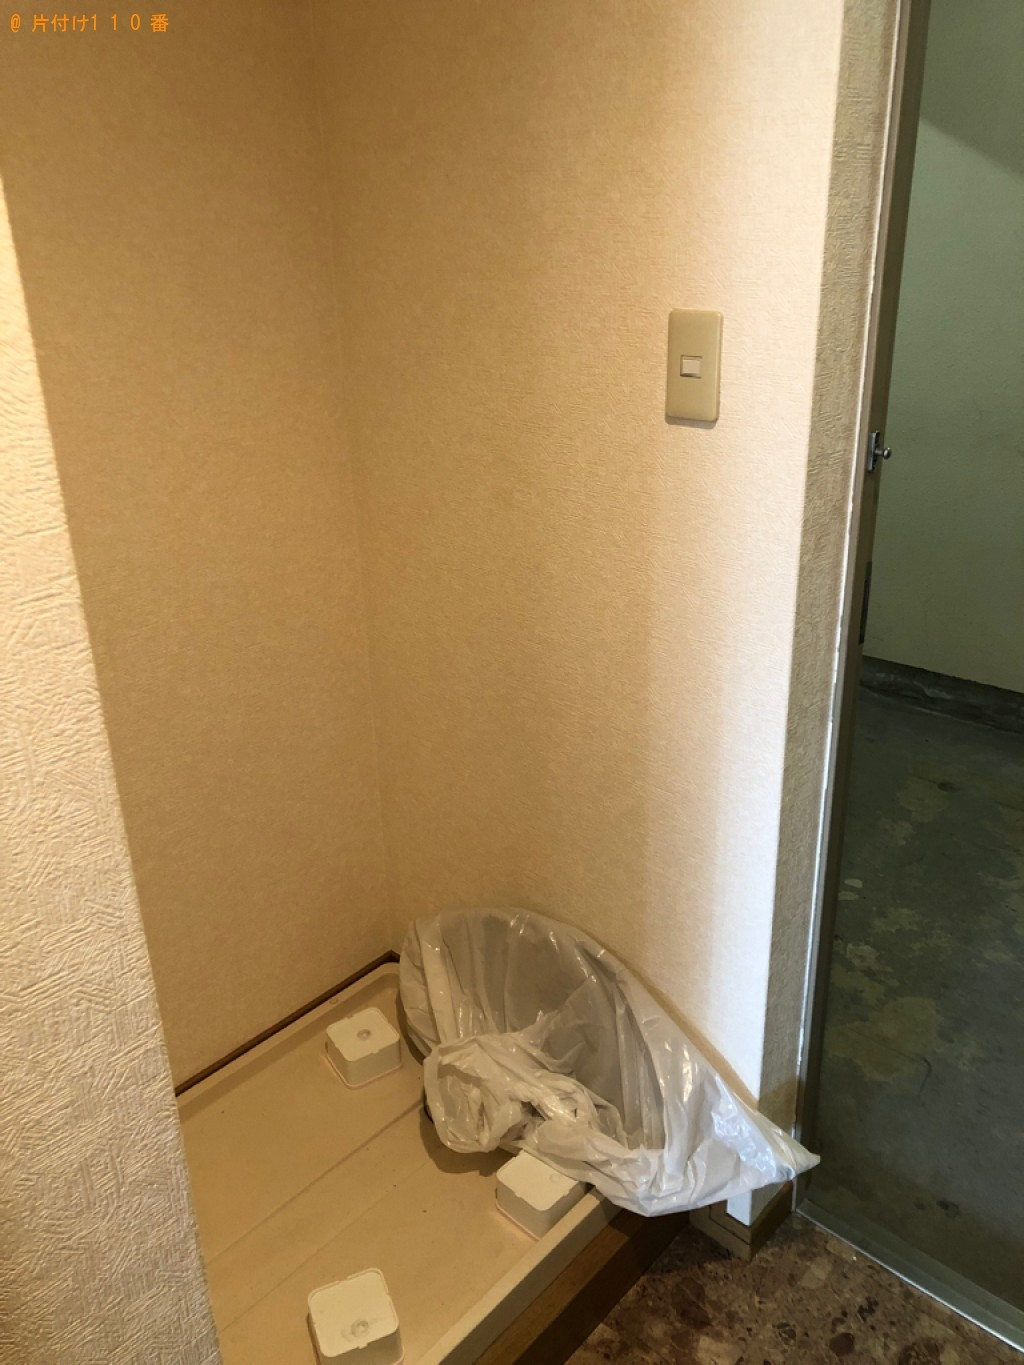 【柳川市】冷蔵庫、洗濯機、電子レンジの回収・処分ご依頼